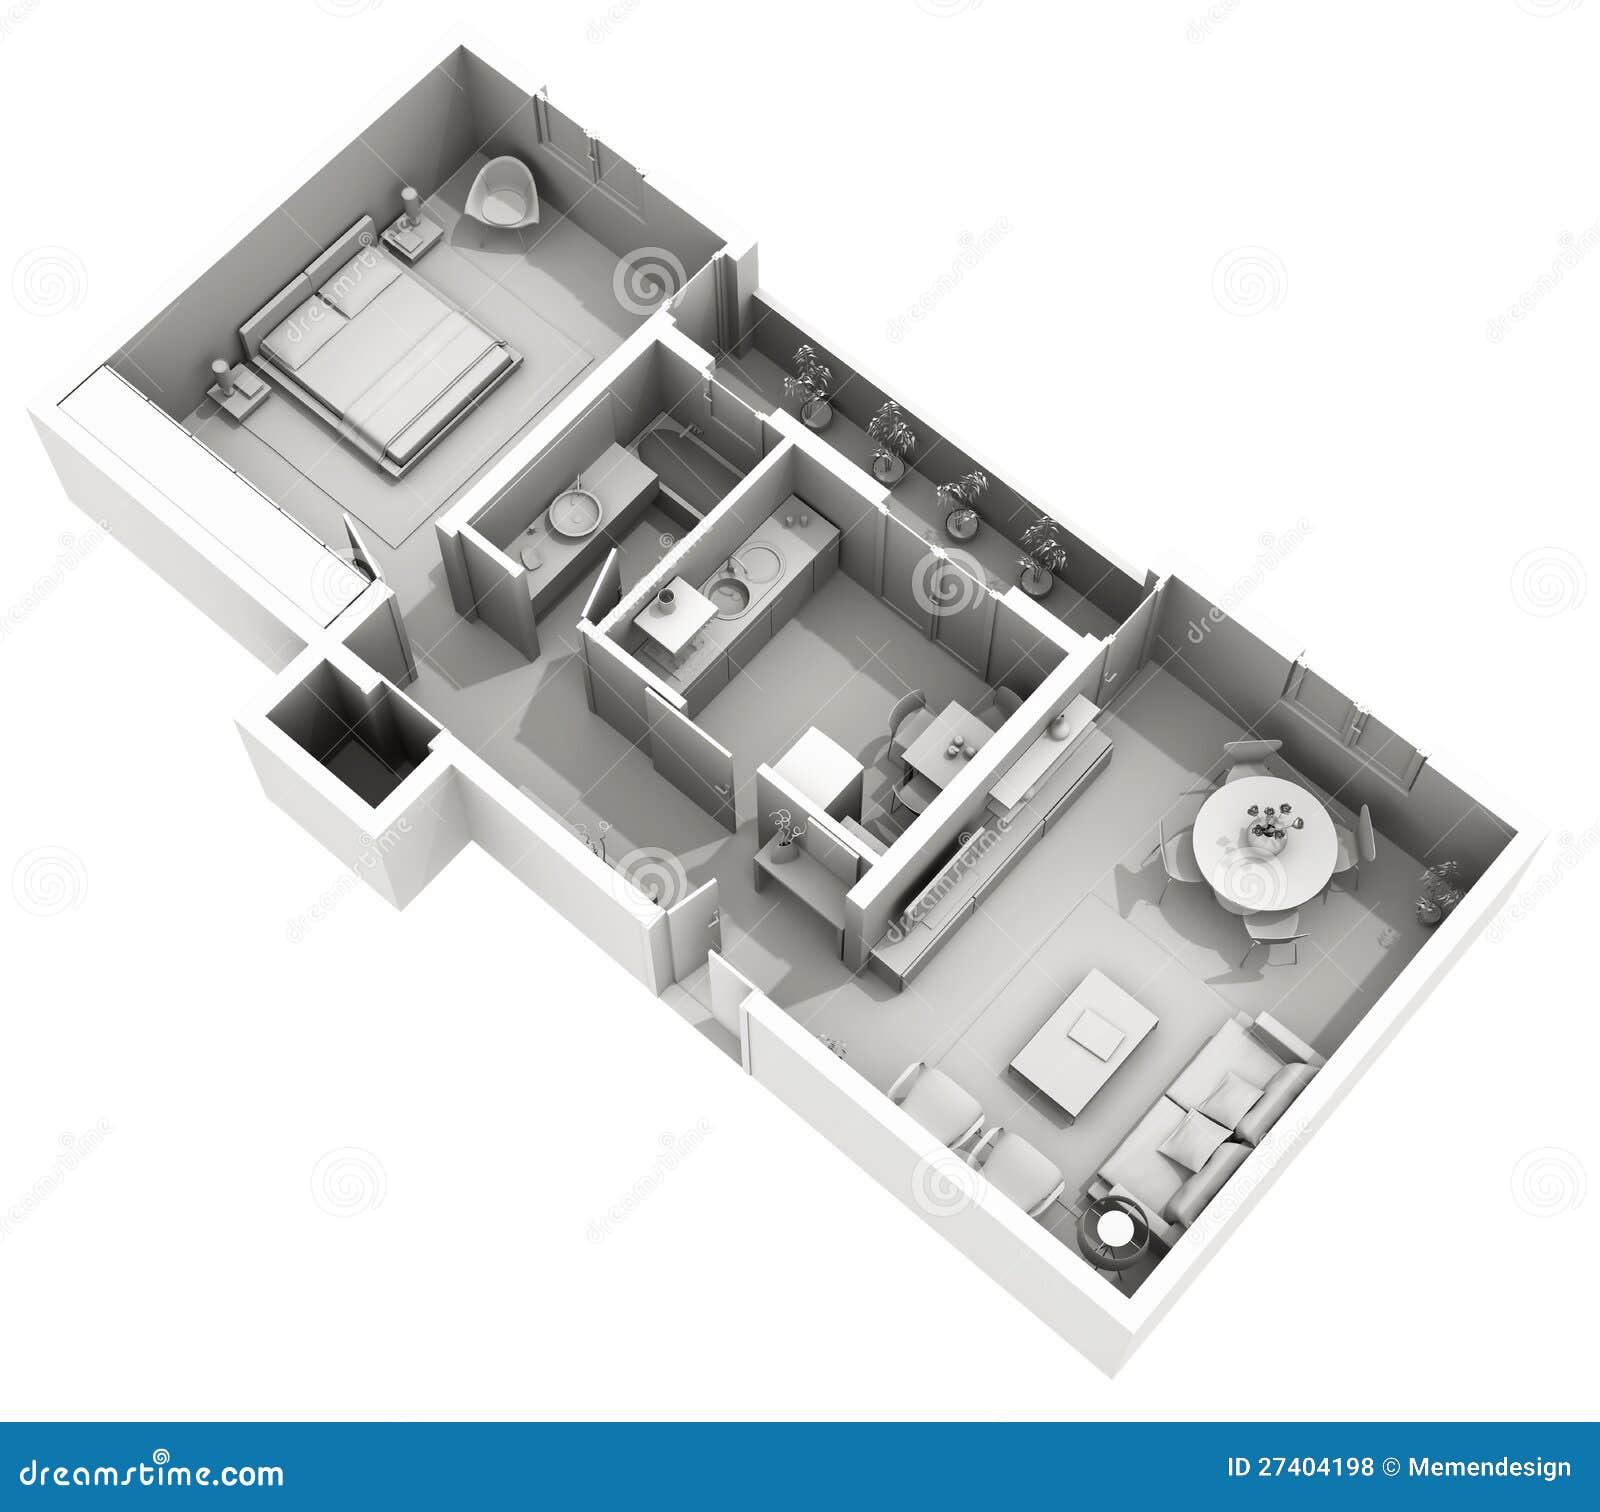 Plan maison appartement cool plan maison feng shui for Des traditions de conception des plans de maison